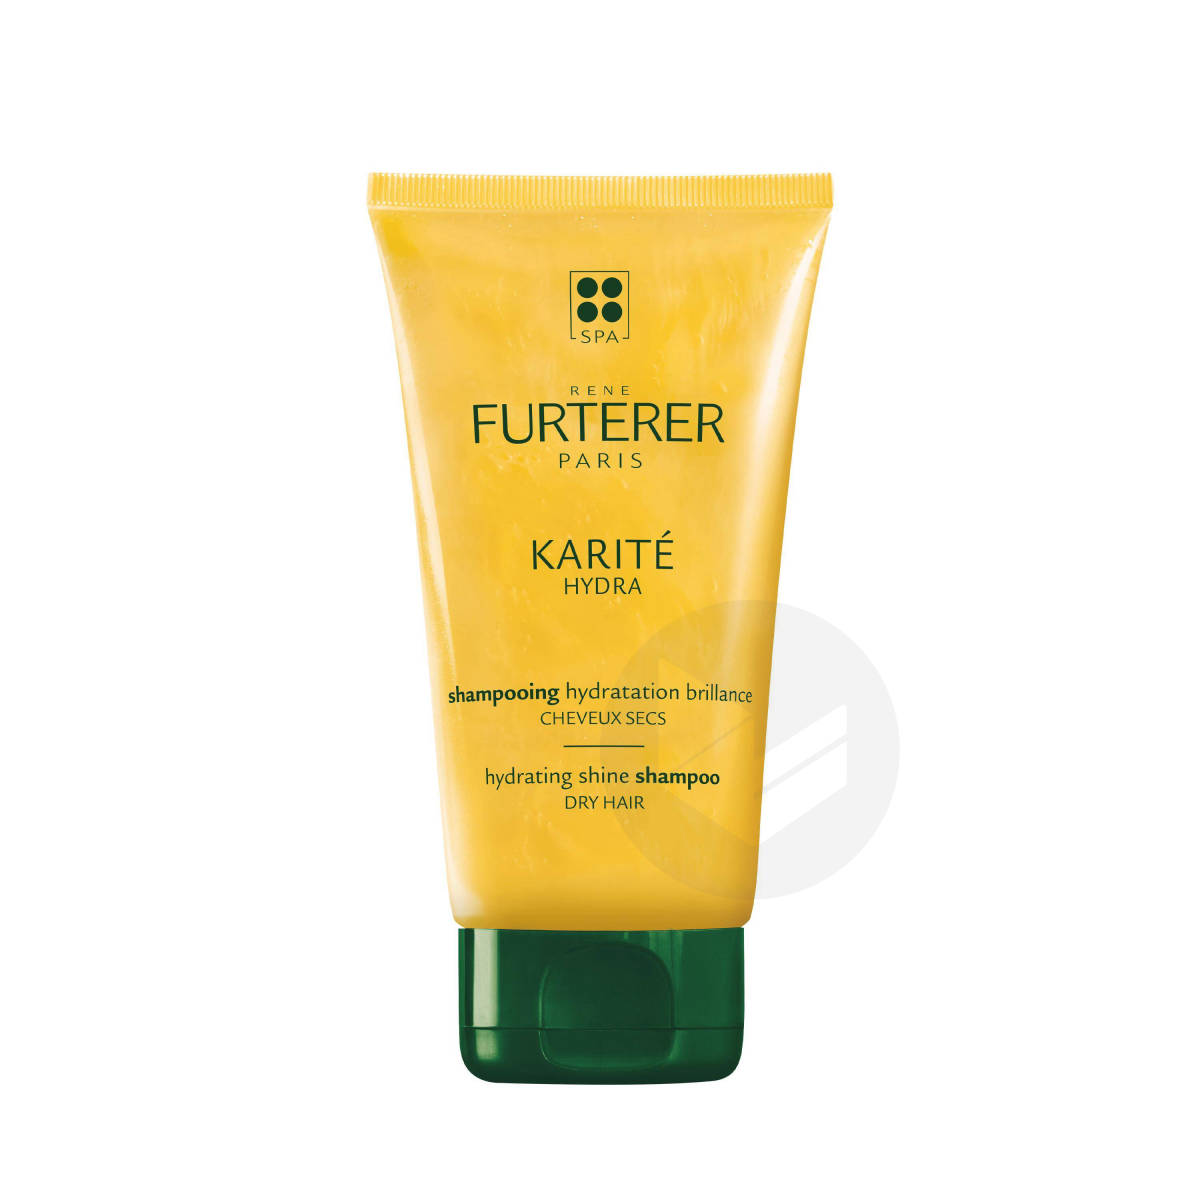 Shampooing hydratation brillance au karité 150ml